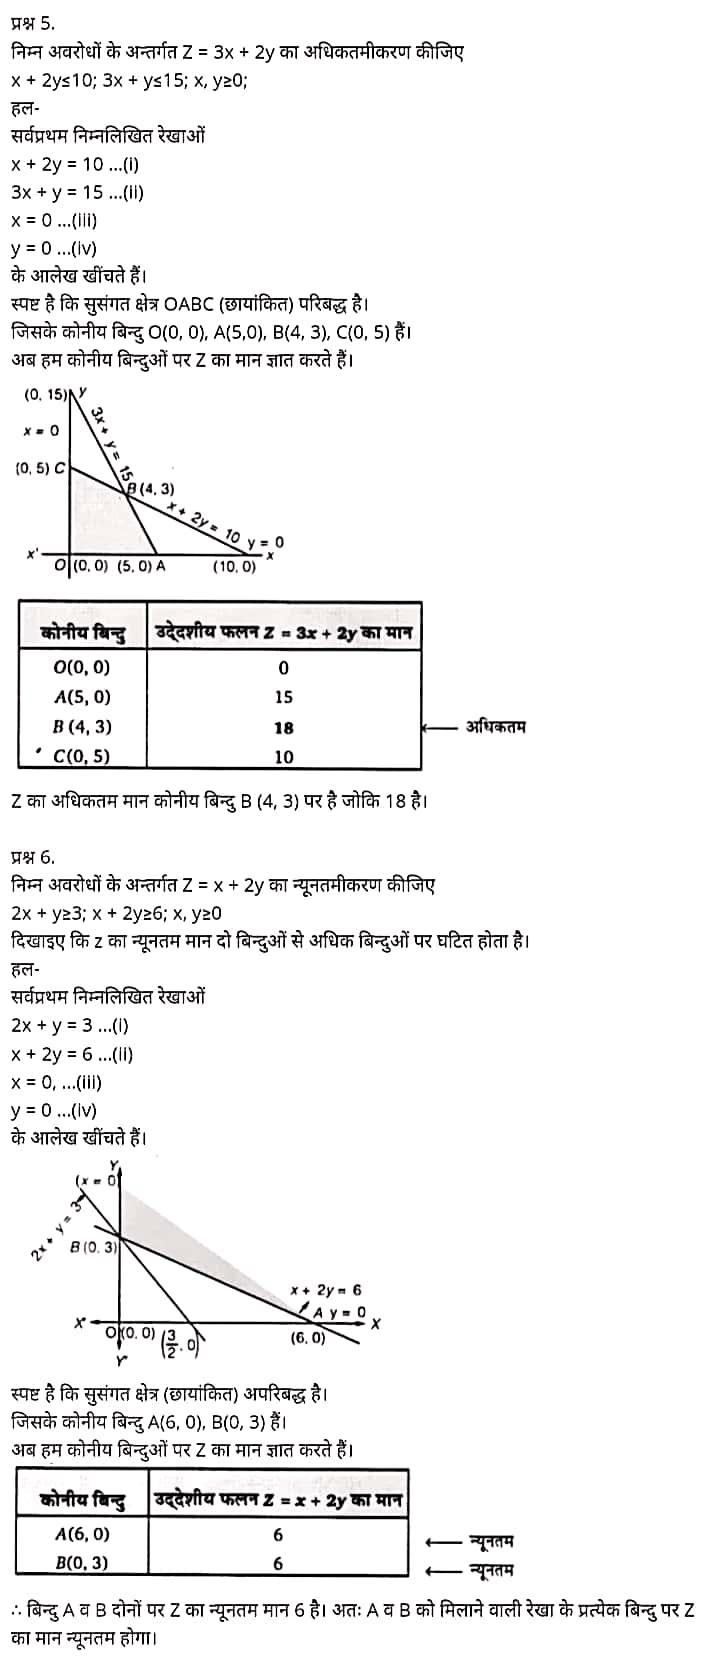 """""""Class 12 Maths Chapter 12"""" """"Linear Programming"""" Hindi Medium मैथ्स कक्षा 12 नोट्स pdf,  मैथ्स कक्षा 12 नोट्स 2021 NCERT,  मैथ्स कक्षा 12 PDF,  मैथ्स पुस्तक,  मैथ्स की बुक,  मैथ्स प्रश्नोत्तरी Class 12, 12 वीं मैथ्स पुस्तक RBSE,  बिहार बोर्ड 12 वीं मैथ्स नोट्स,   12th Maths book in hindi,12th Maths notes in hindi,cbse books for class 12,cbse books in hindi,cbse ncert books,class 12 Maths notes in hindi,class 12 hindi ncert solutions,Maths 2020,Maths 2021,Maths 2022,Maths book class 12,Maths book in hindi,Maths class 12 in hindi,Maths notes for class 12 up board in hindi,ncert all books,ncert app in hindi,ncert book solution,ncert books class 10,ncert books class 12,ncert books for class 7,ncert books for upsc in hindi,ncert books in hindi class 10,ncert books in hindi for class 12 Maths,ncert books in hindi for class 6,ncert books in hindi pdf,ncert class 12 hindi book,ncert english book,ncert Maths book in hindi,ncert Maths books in hindi pdf,ncert Maths class 12,ncert in hindi,old ncert books in hindi,online ncert books in hindi,up board 12th,up board 12th syllabus,up board class 10 hindi book,up board class 12 books,up board class 12 new syllabus,up Board Maths 2020,up Board Maths 2021,up Board Maths 2022,up Board Maths 2023,up board intermediate Maths syllabus,up board intermediate syllabus 2021,Up board Master 2021,up board model paper 2021,up board model paper all subject,up board new syllabus of class 12th Maths,up board paper 2021,Up board syllabus 2021,UP board syllabus 2022,  12 वीं मैथ्स पुस्तक हिंदी में, 12 वीं मैथ्स नोट्स हिंदी में, कक्षा 12 के लिए सीबीएससी पुस्तकें, हिंदी में सीबीएससी पुस्तकें, सीबीएससी  पुस्तकें, कक्षा 12 मैथ्स नोट्स हिंदी में, कक्षा 12 हिंदी एनसीईआरटी समाधान, मैथ्स 2020, मैथ्स 2021, मैथ्स 2022, मैथ्स  बुक क्लास 12, मैथ्स बुक इन हिंदी, बायोलॉजी क्लास 12 हिंदी में, मैथ्स नोट्स इन क्लास 12 यूपी  बोर्ड इन हिंदी, एनसीईआरटी मैथ्स की किताब हिंदी में,  बोर्ड 12 वीं तक, 12 वीं तक की पाठ्यक्रम, बोर्ड कक्षा 10 की हिंदी पुस्तक  , बोर्ड की कक्षा """